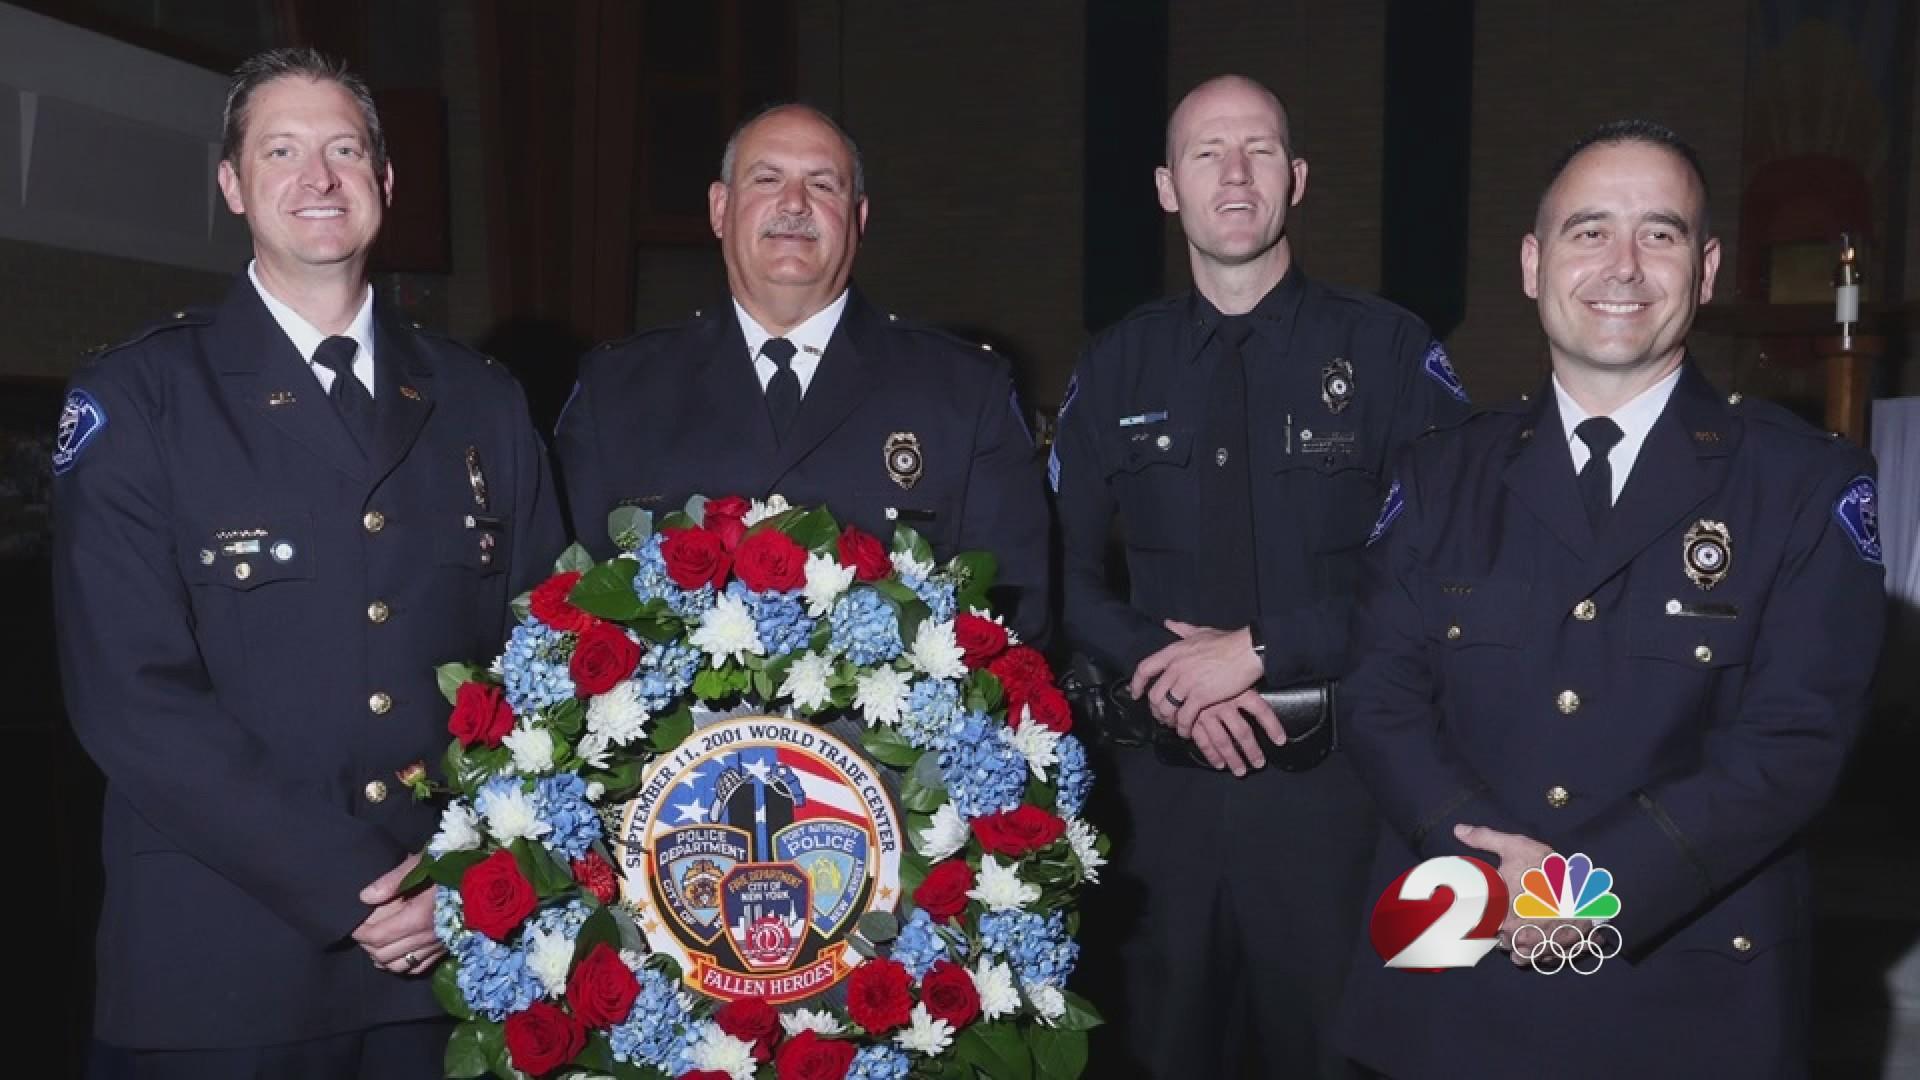 Vandalia officer honored